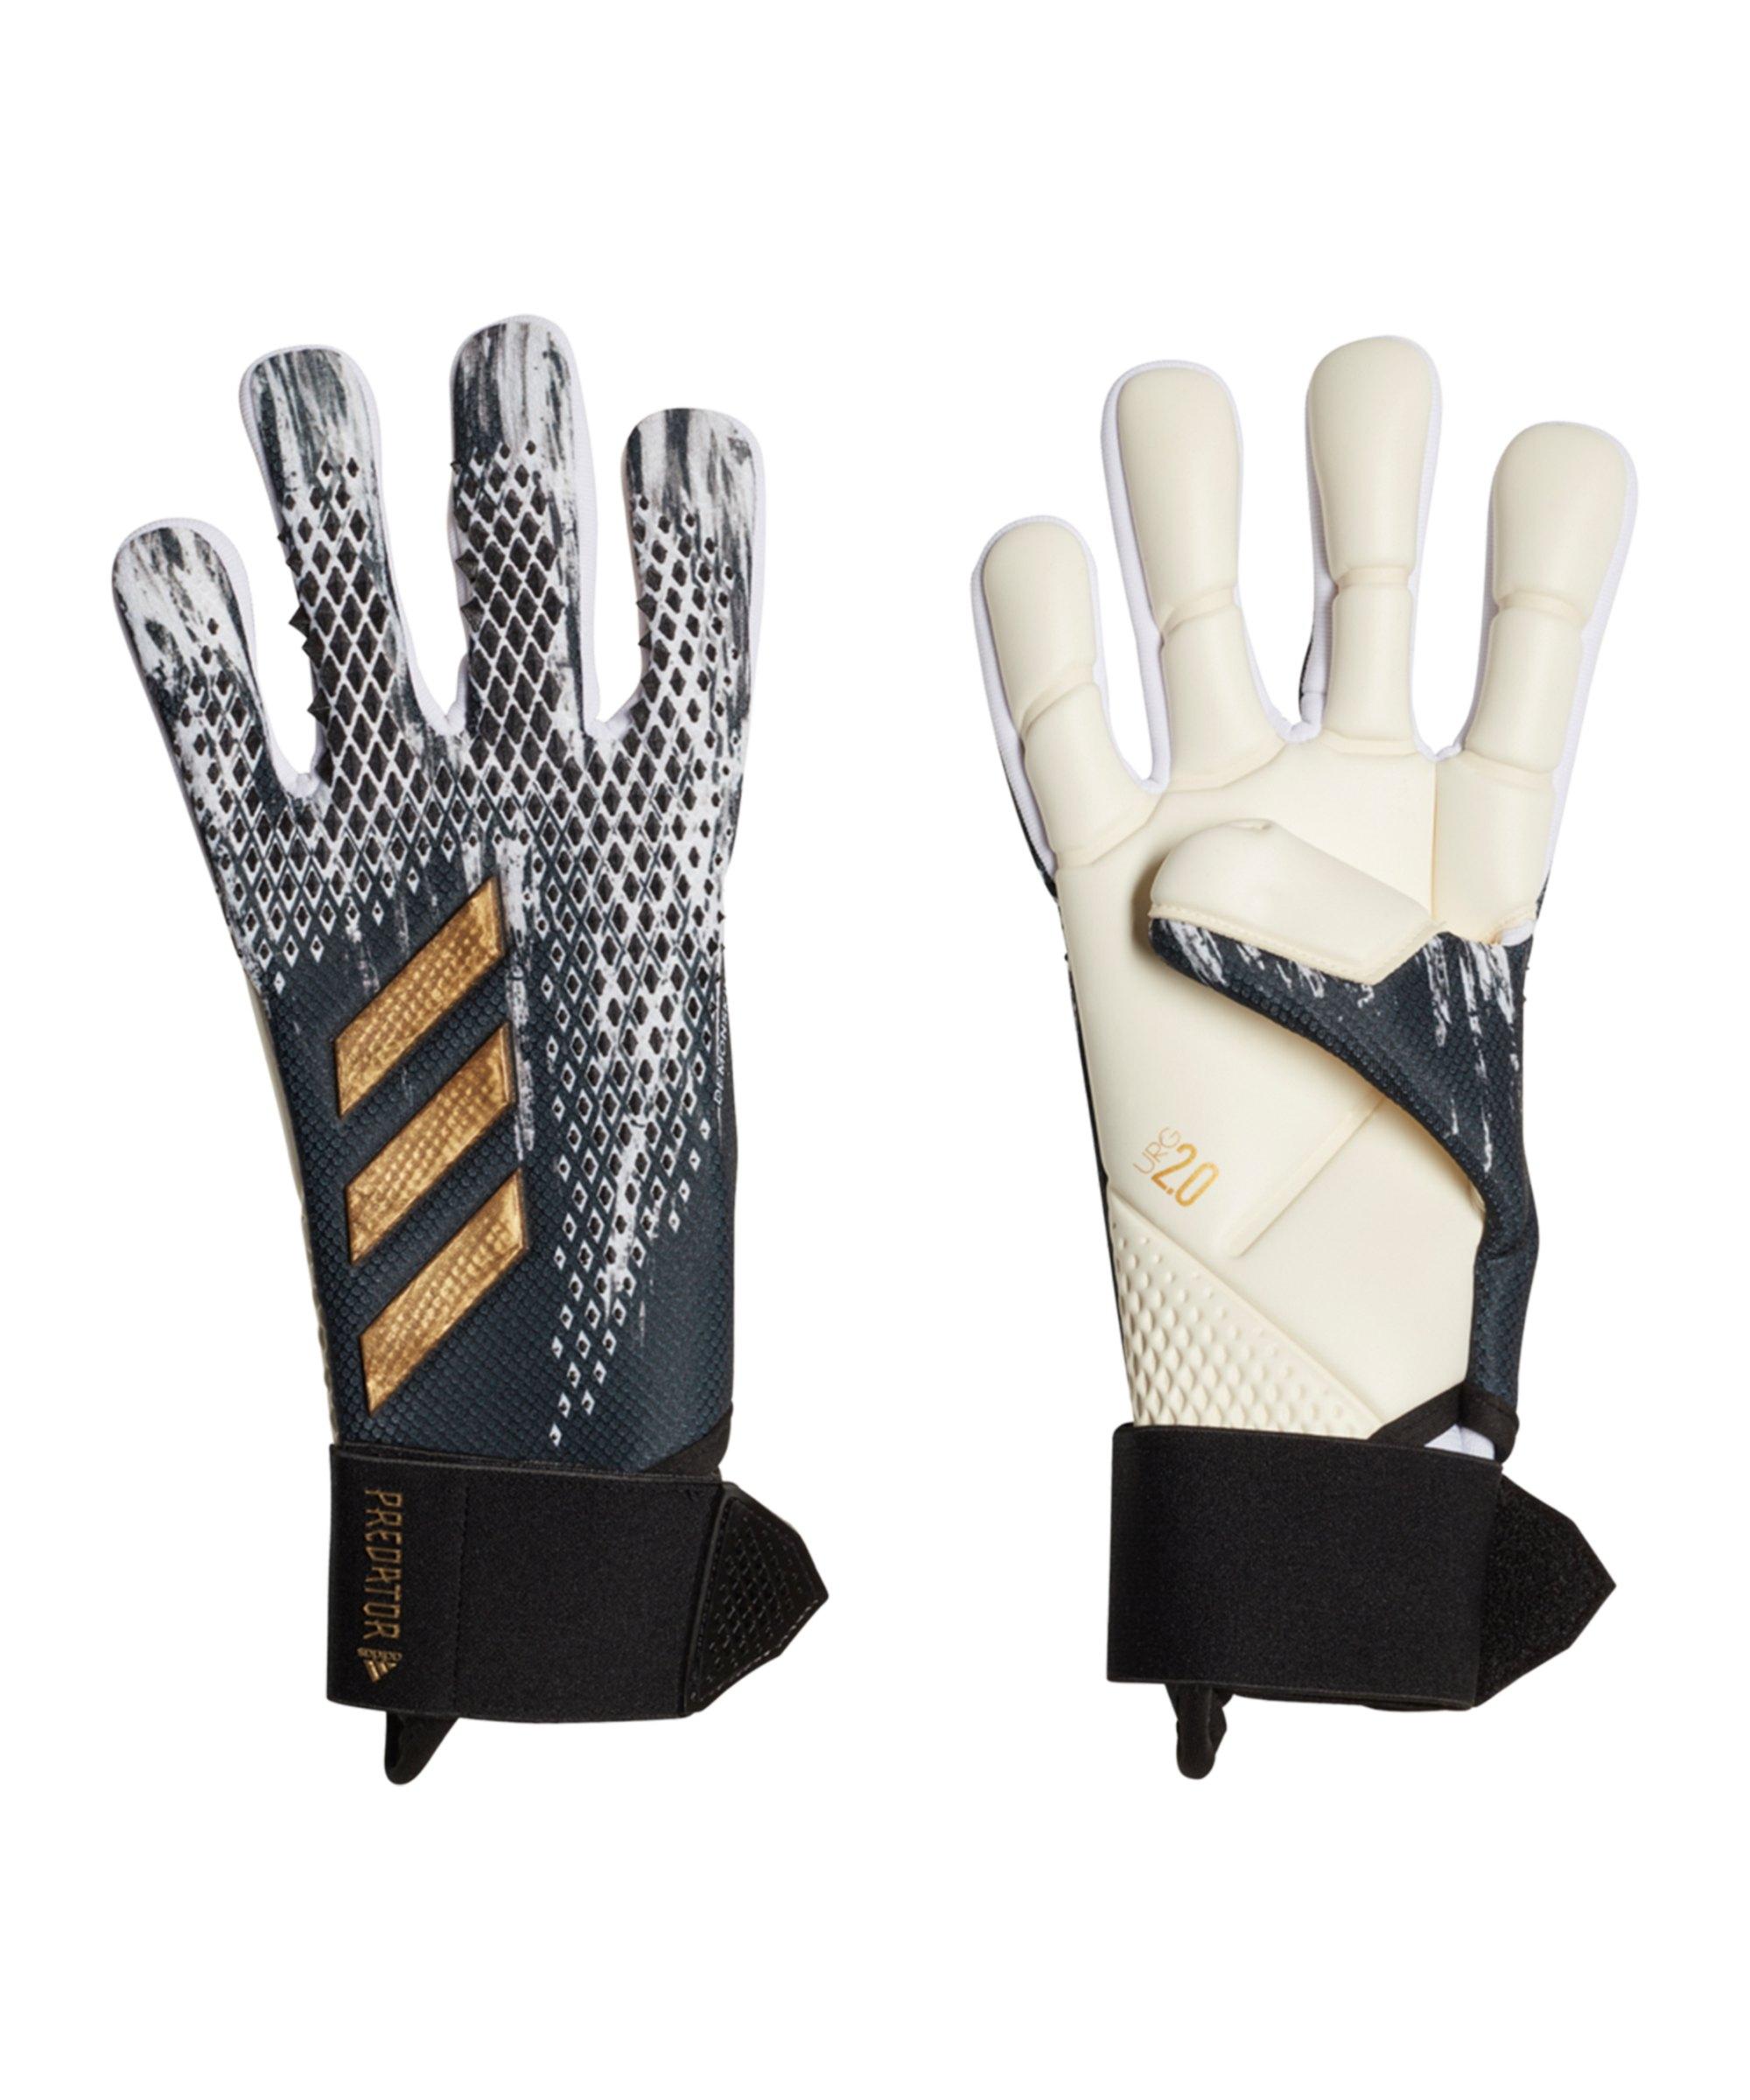 adidas Predator Inflight Competition TW-Handschuh Schwarz - schwarz